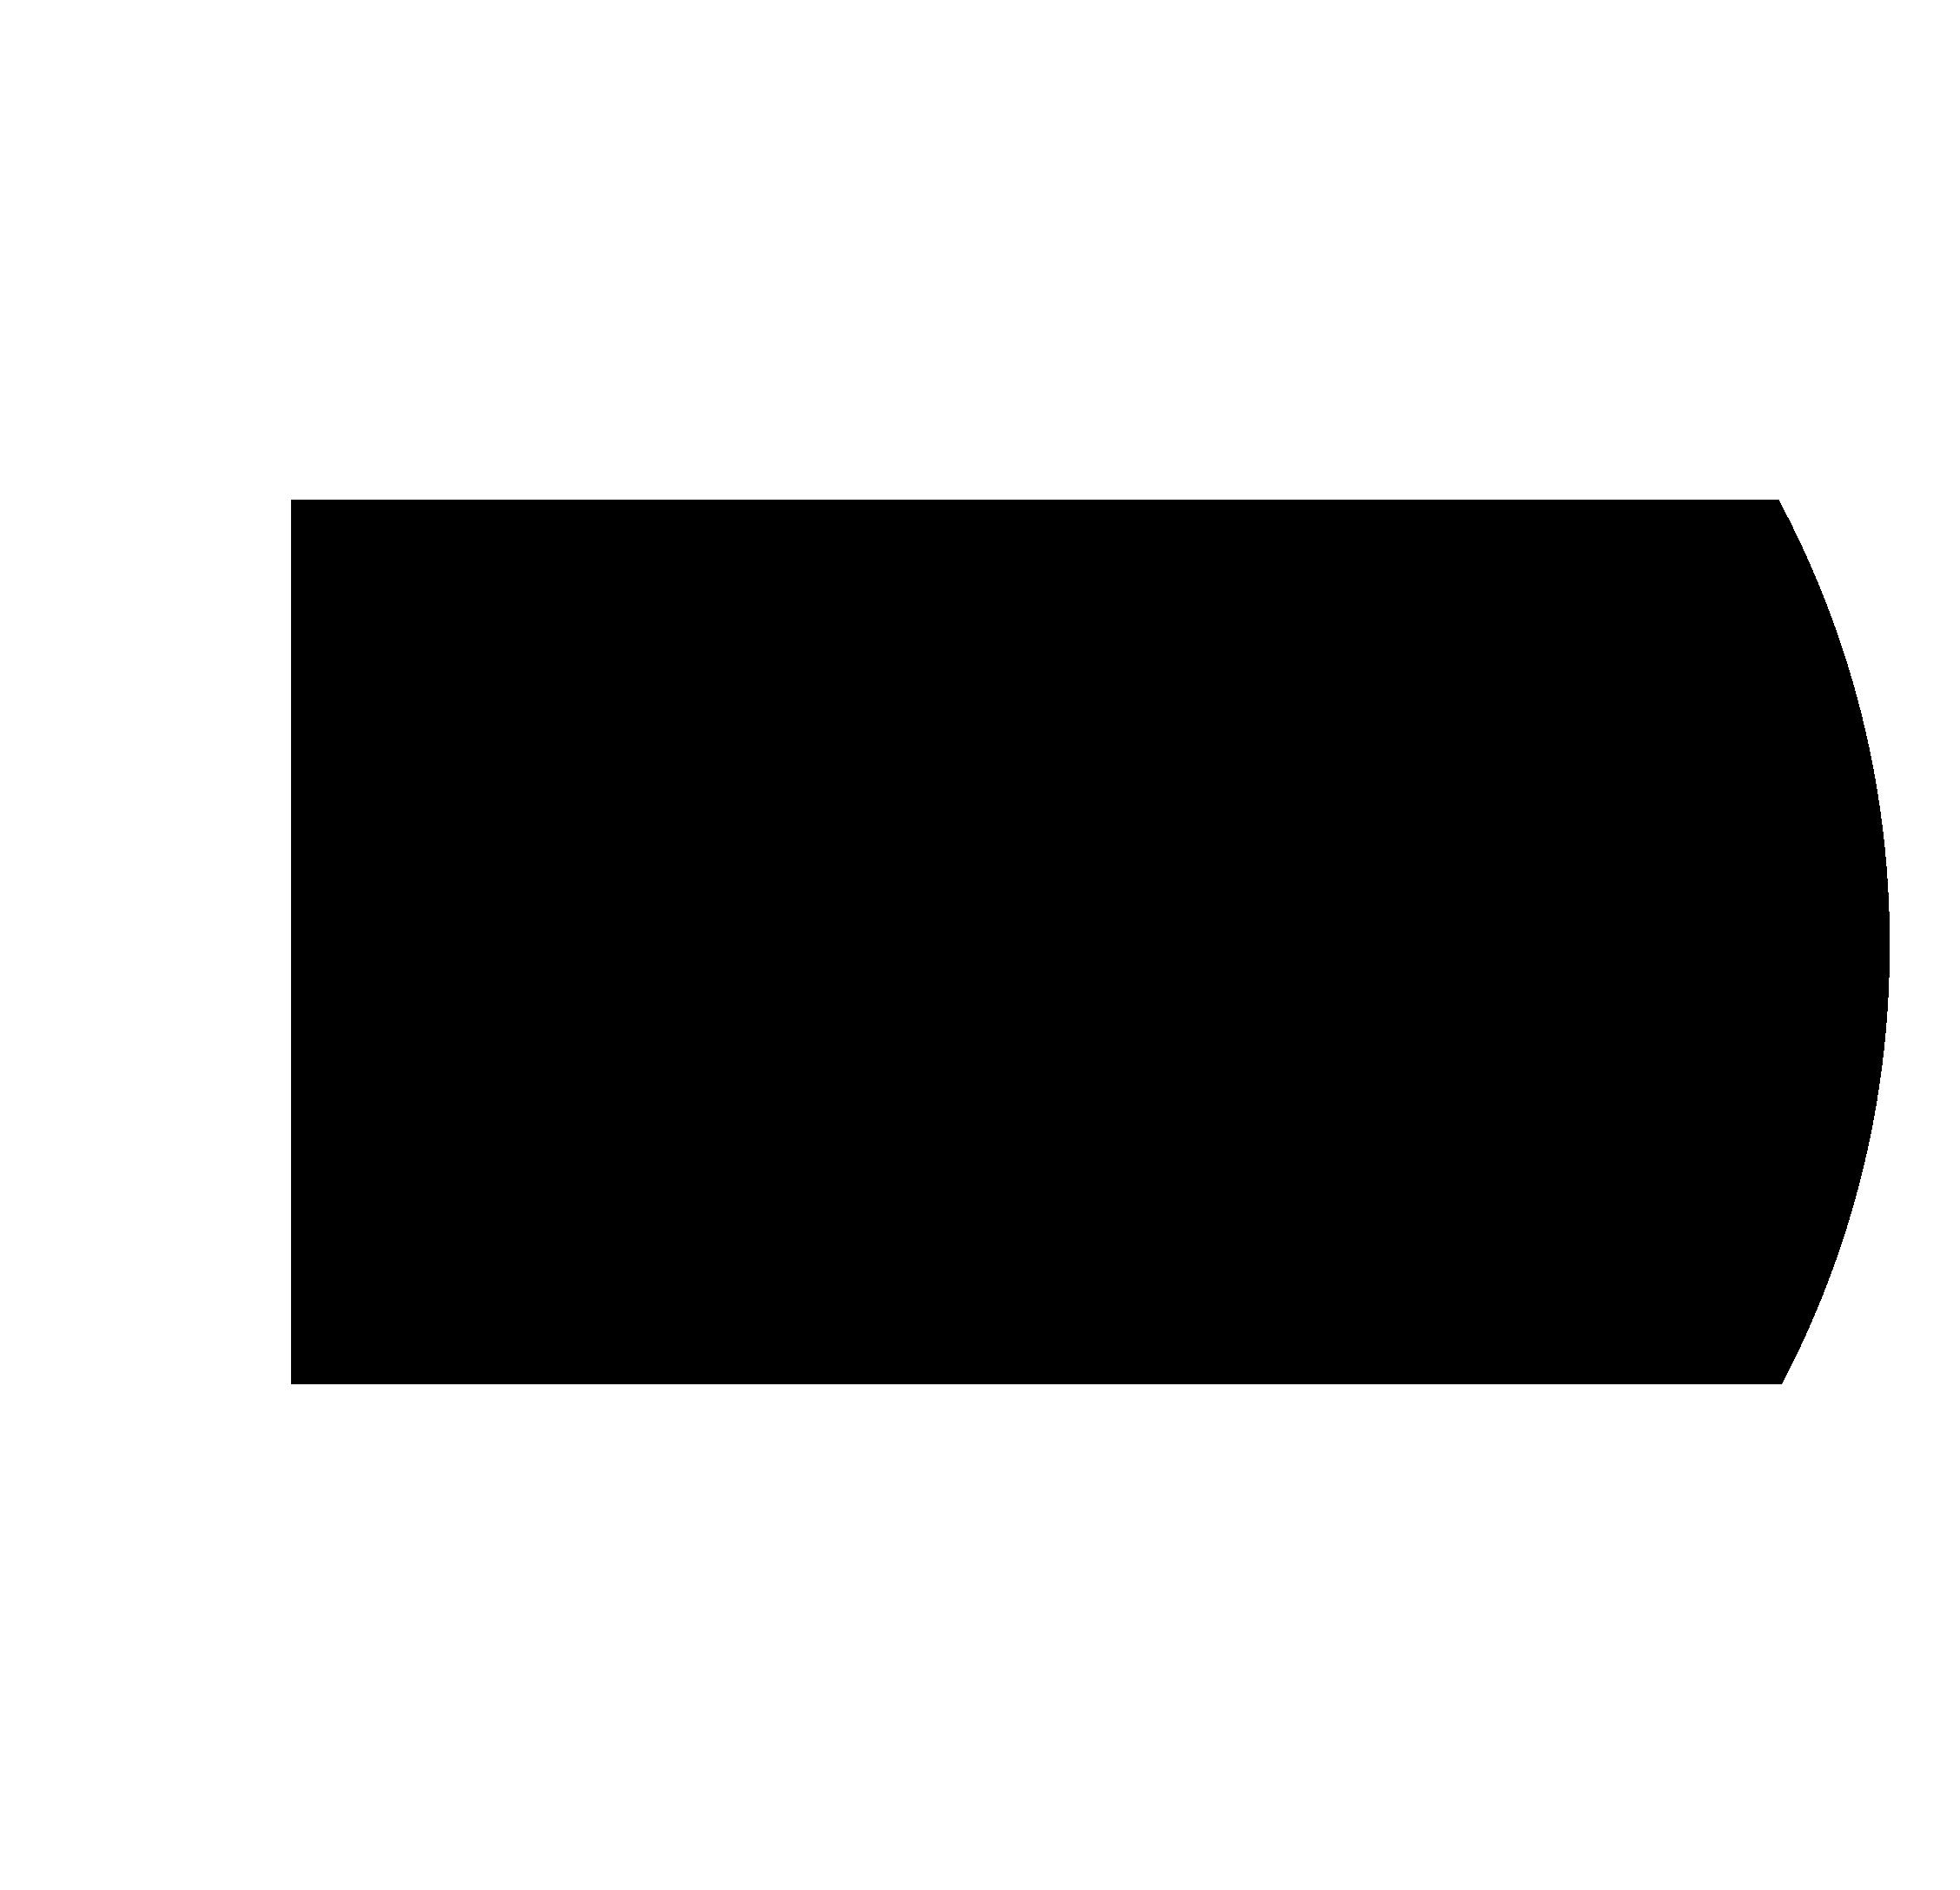 black shape background